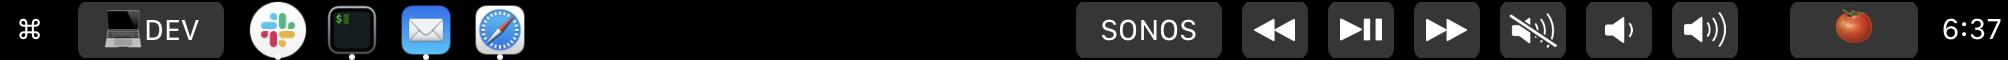 TouchBar Bild 2021-03-09 um 18 37 58